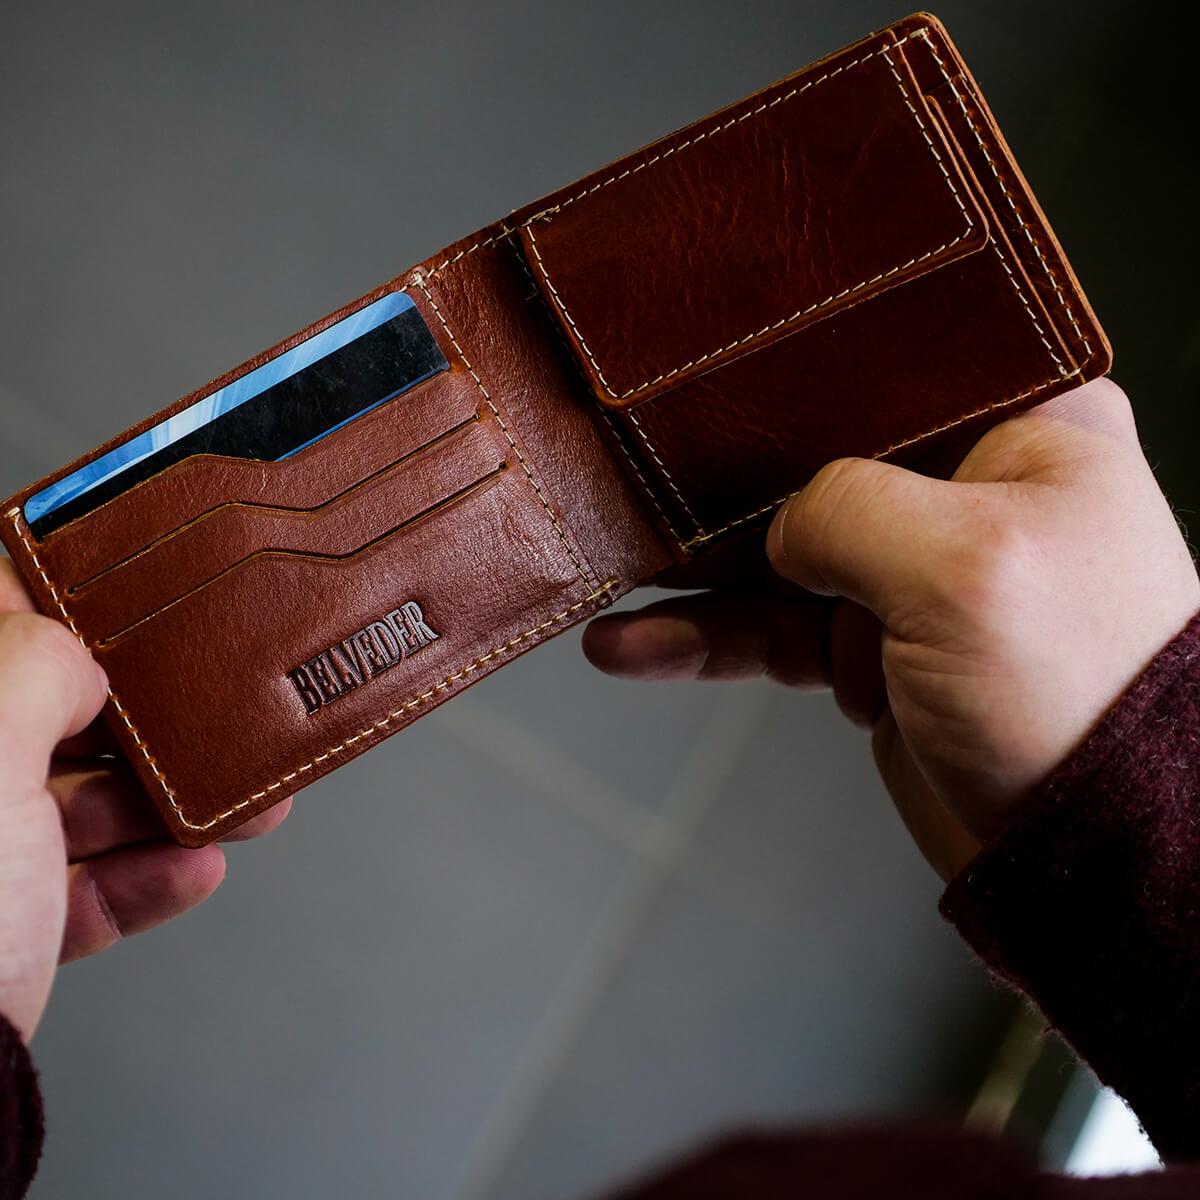 cc8f1899a93cd ... damskie duże sklep z portfelami portfele męskie tanie